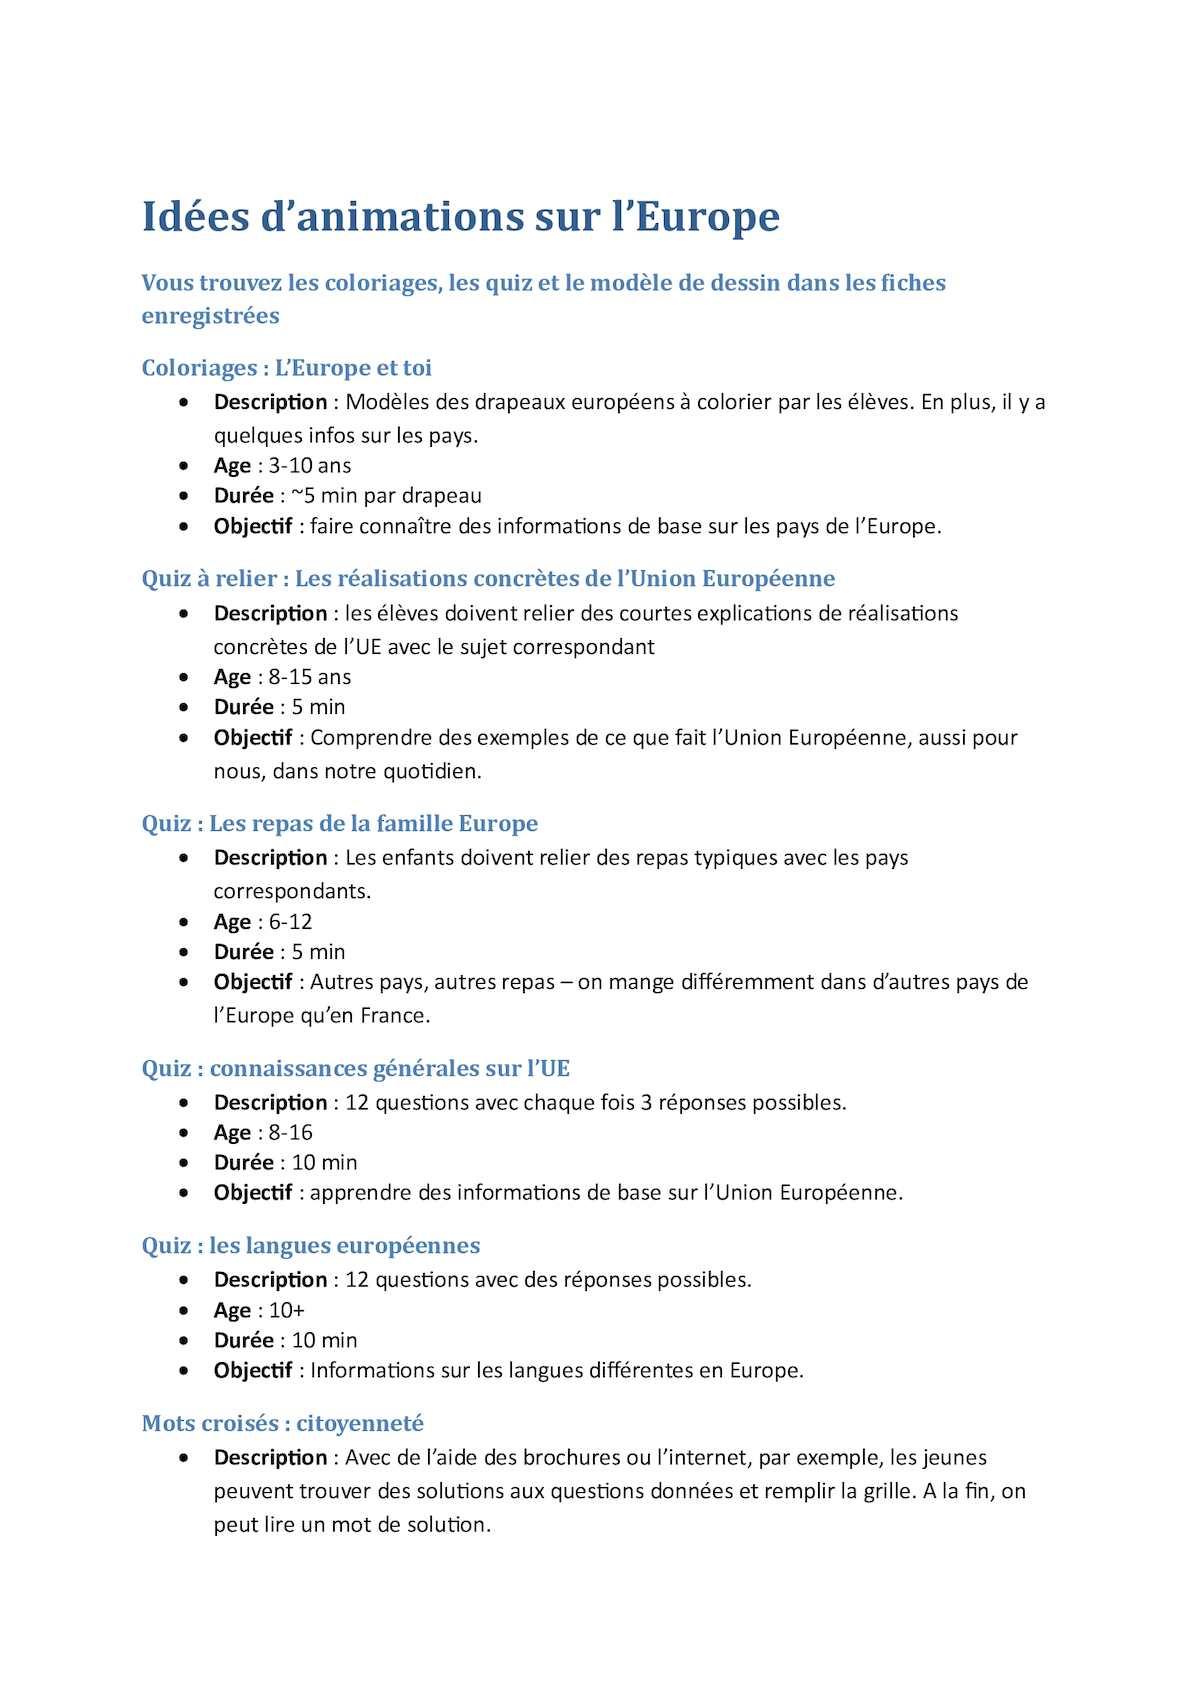 Calaméo - Explications Idées D'animations Sur L'europe intérieur Apprendre Pays Europe